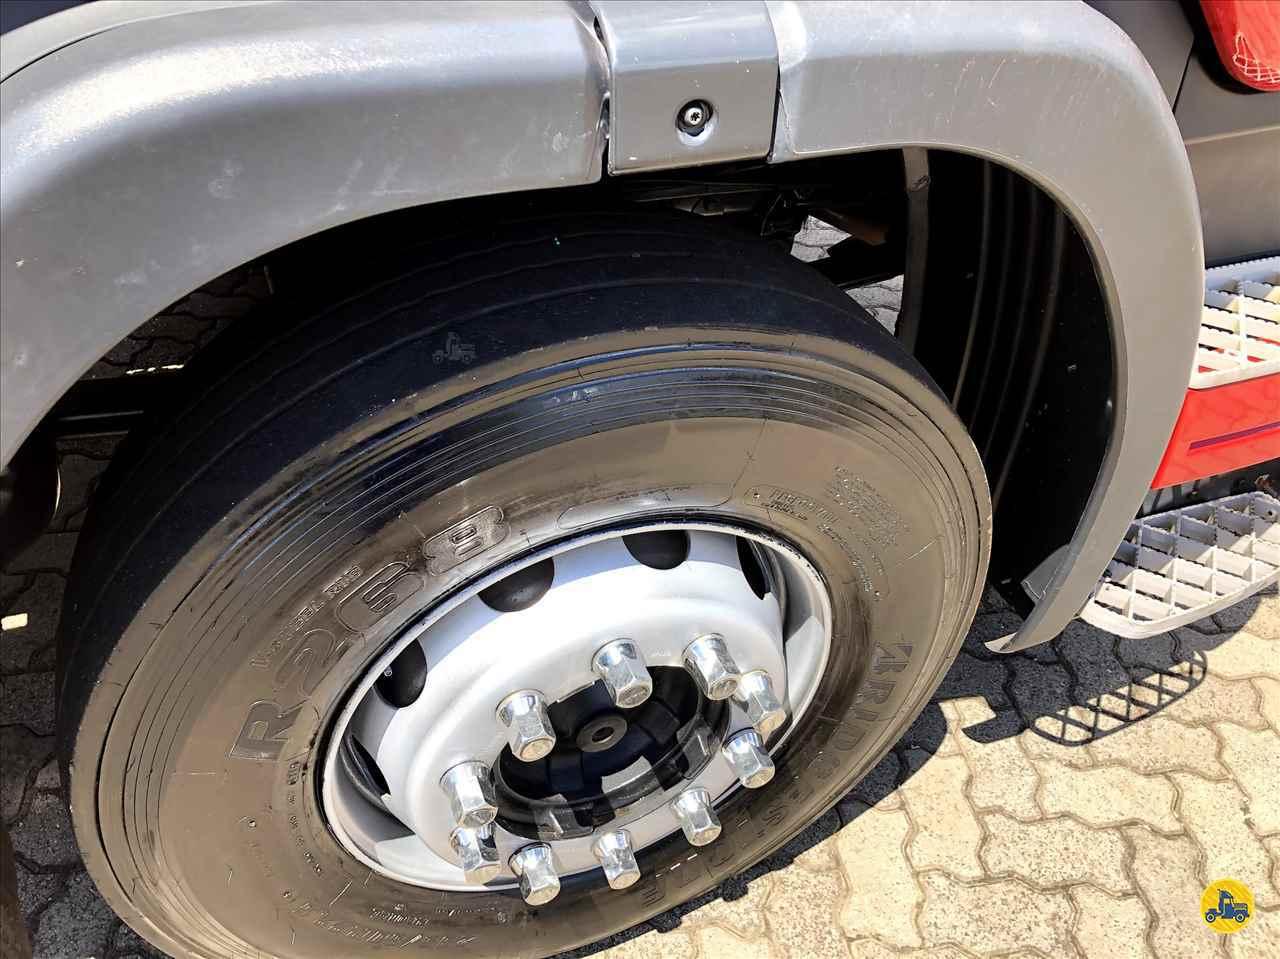 SCANIA SCANIA 380 1200km 2009/2010 G.R.D. Caminhões